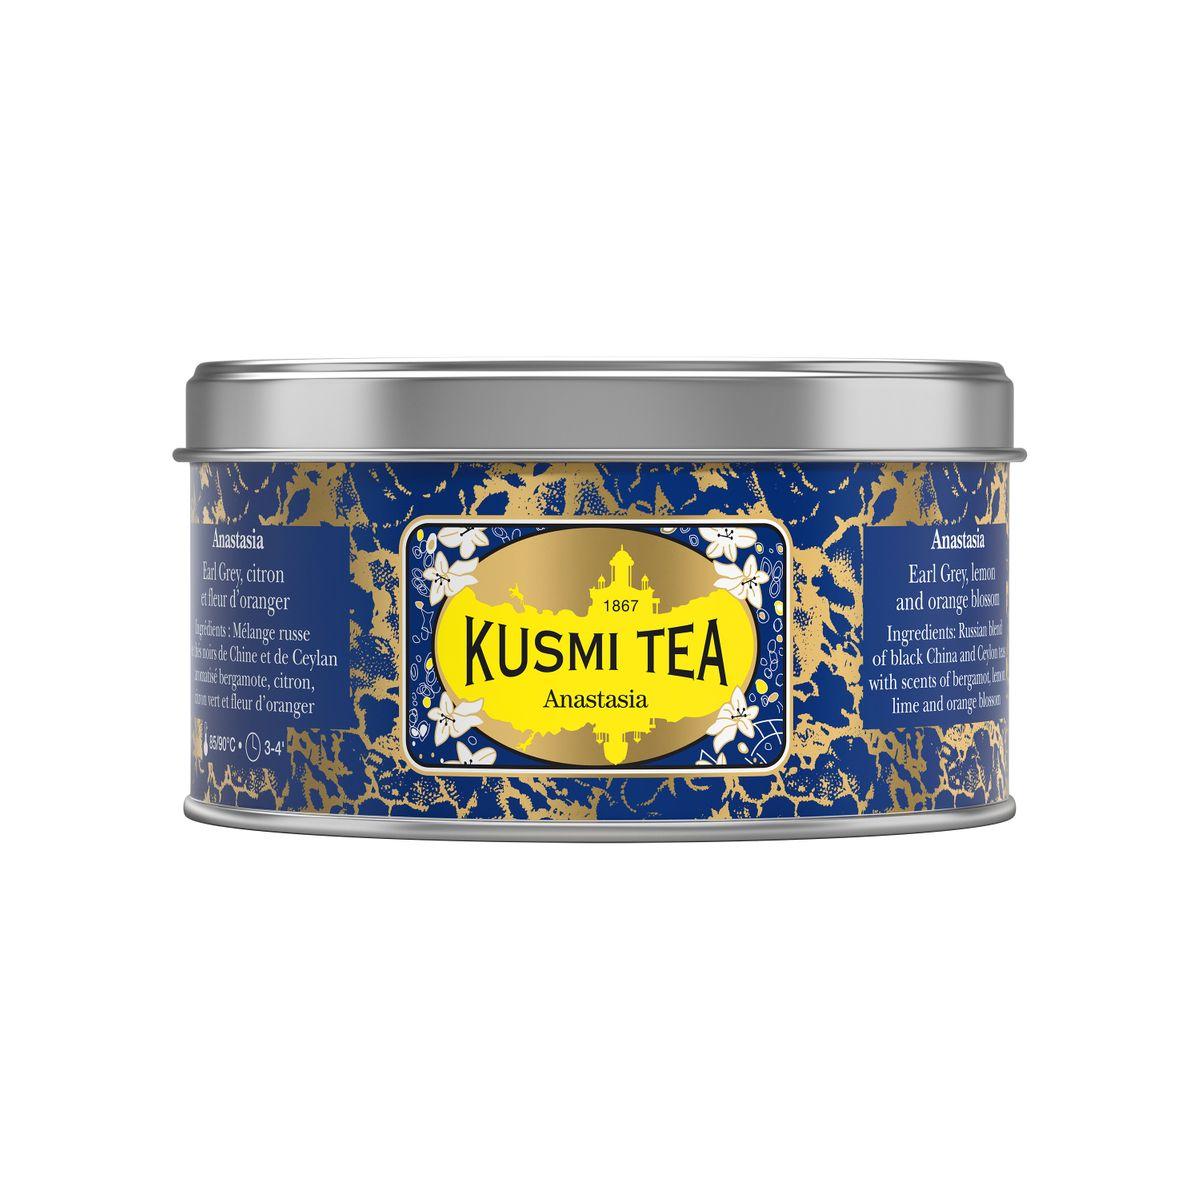 THÉ ANASTASIA - 125G - KUSMI TEA